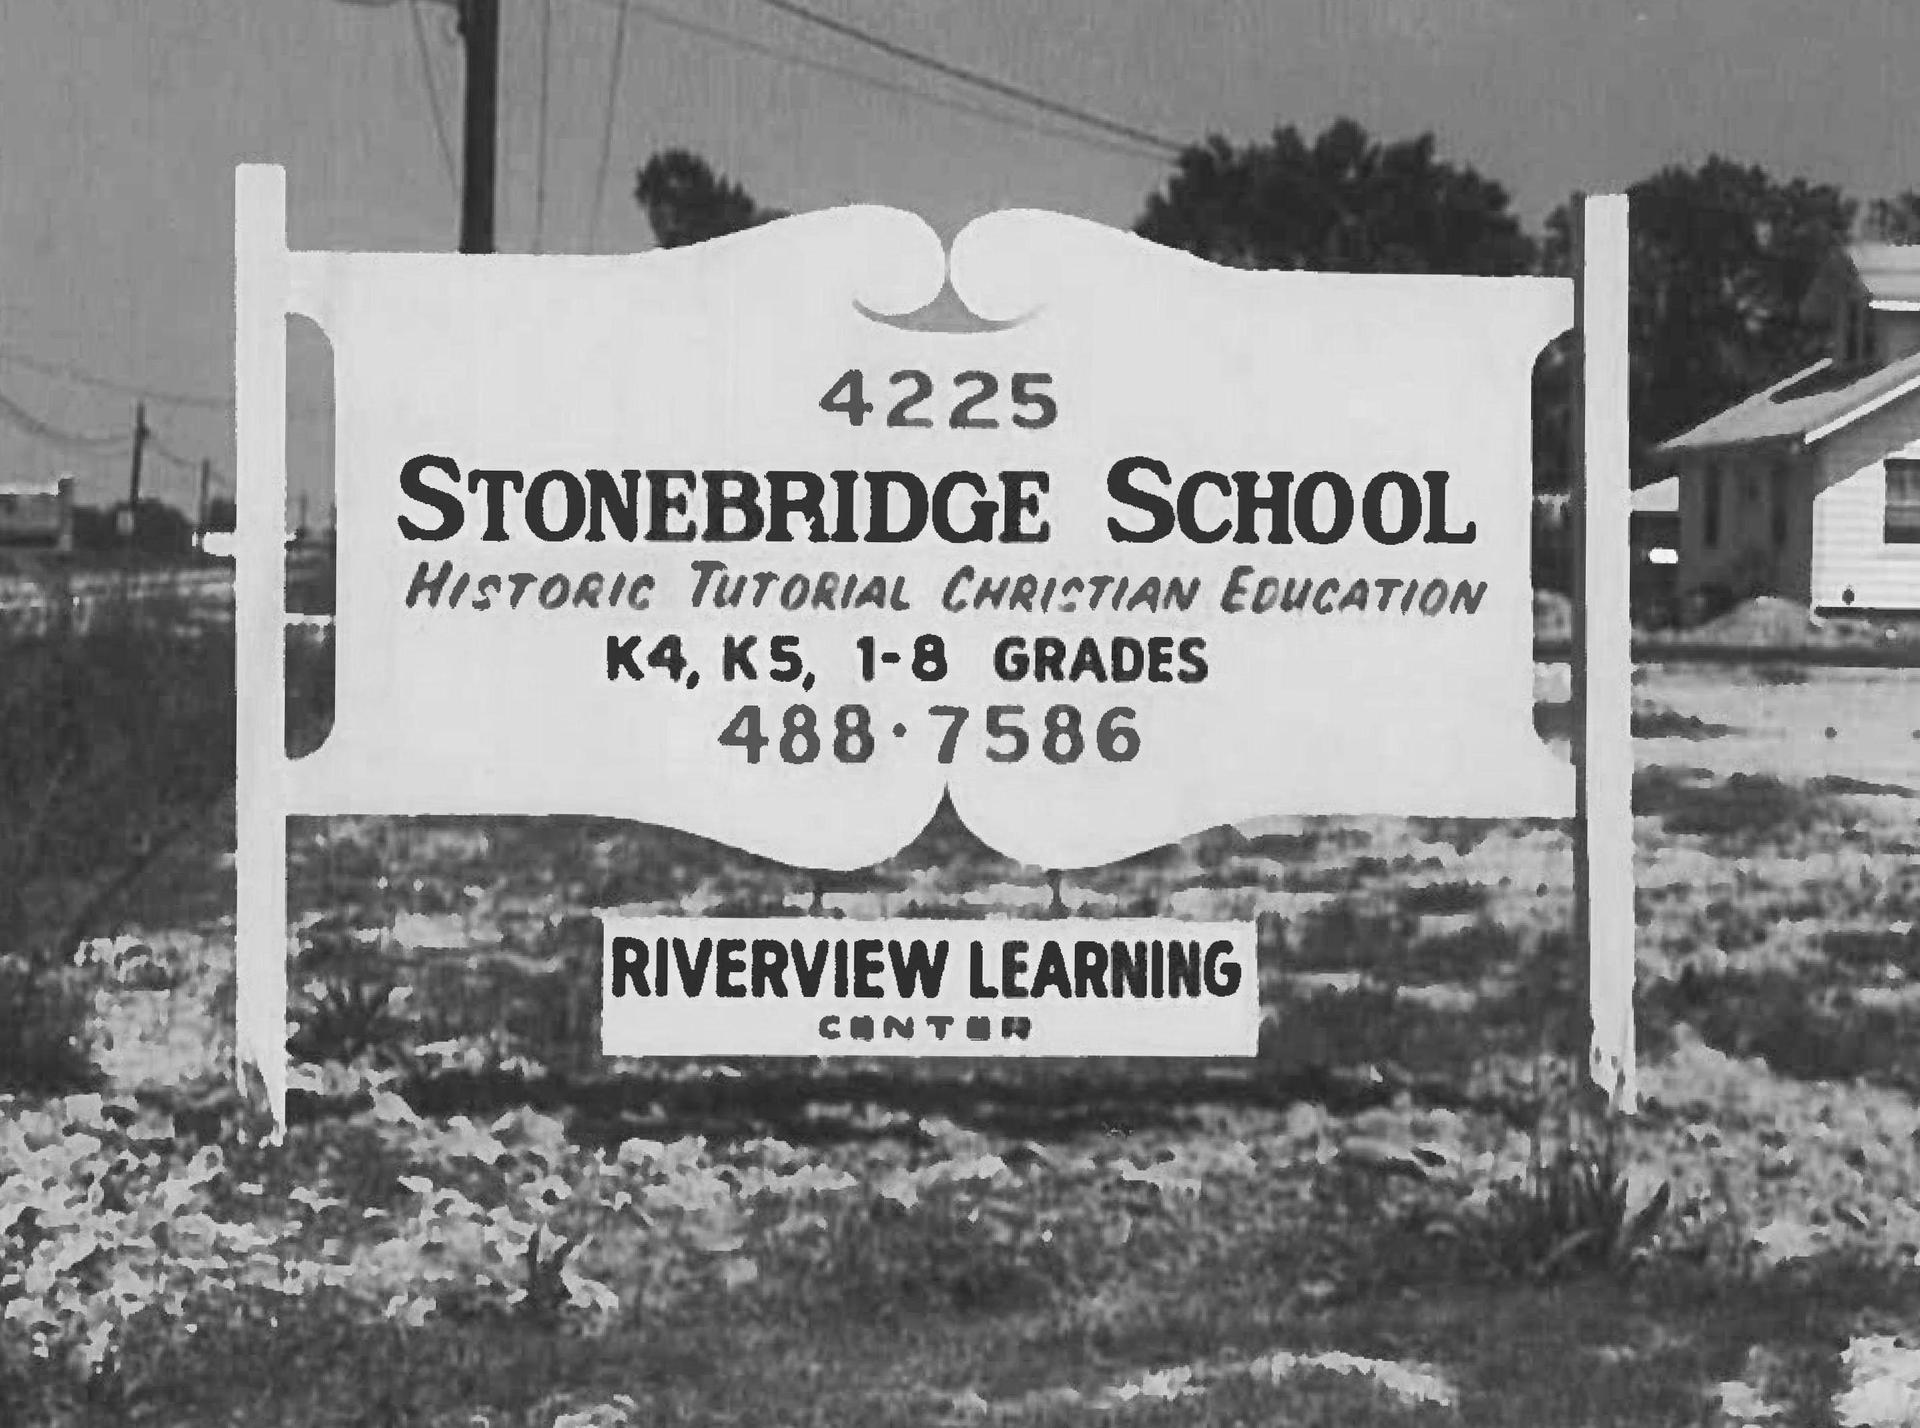 StoneBridge School